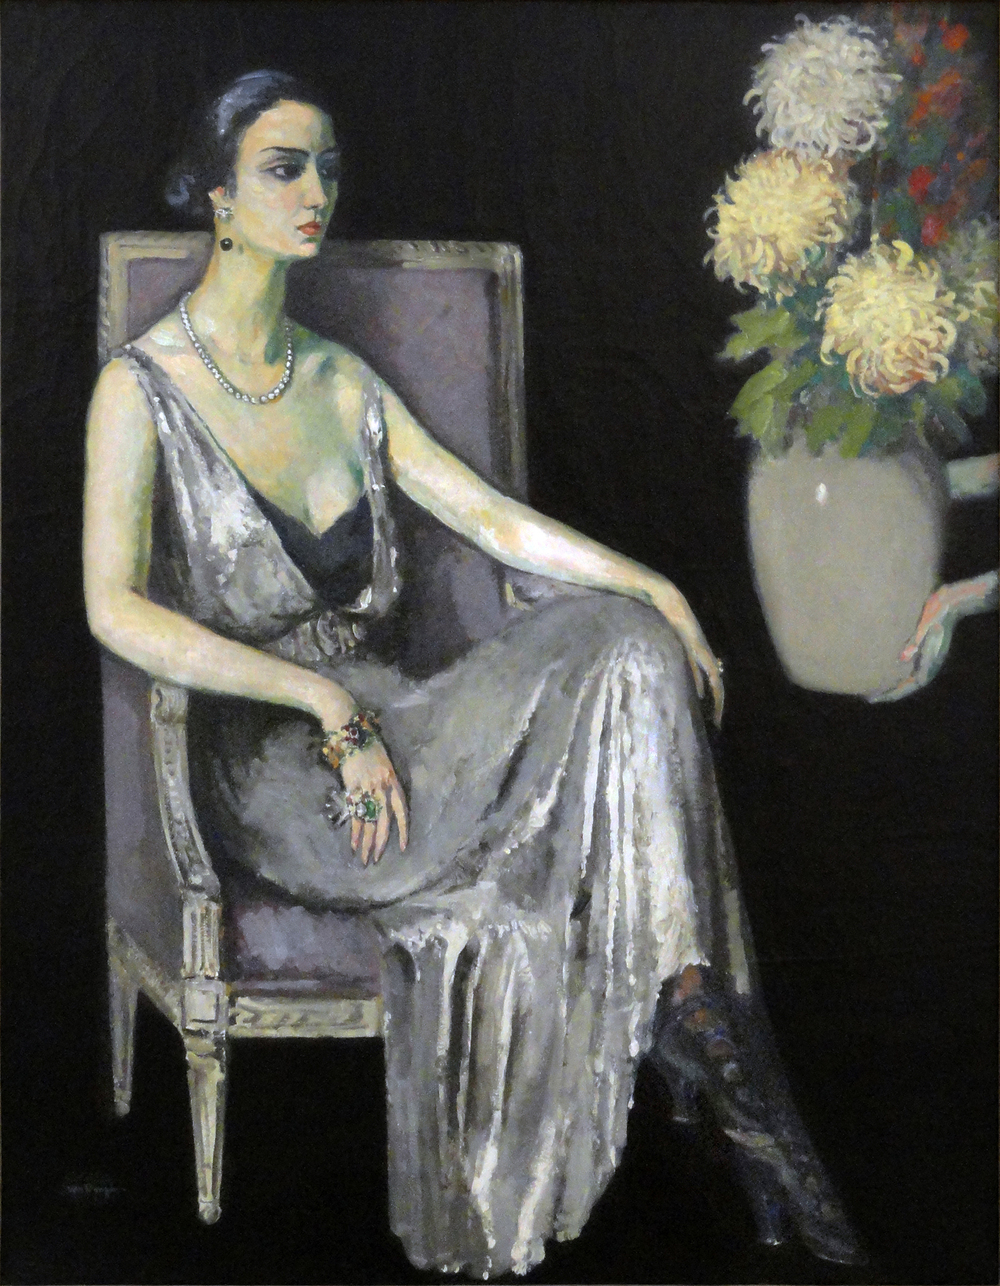 Kees van Dongen,  Le sphinx , 1920, Musée d'Art Moderne de la Ville de Paris.